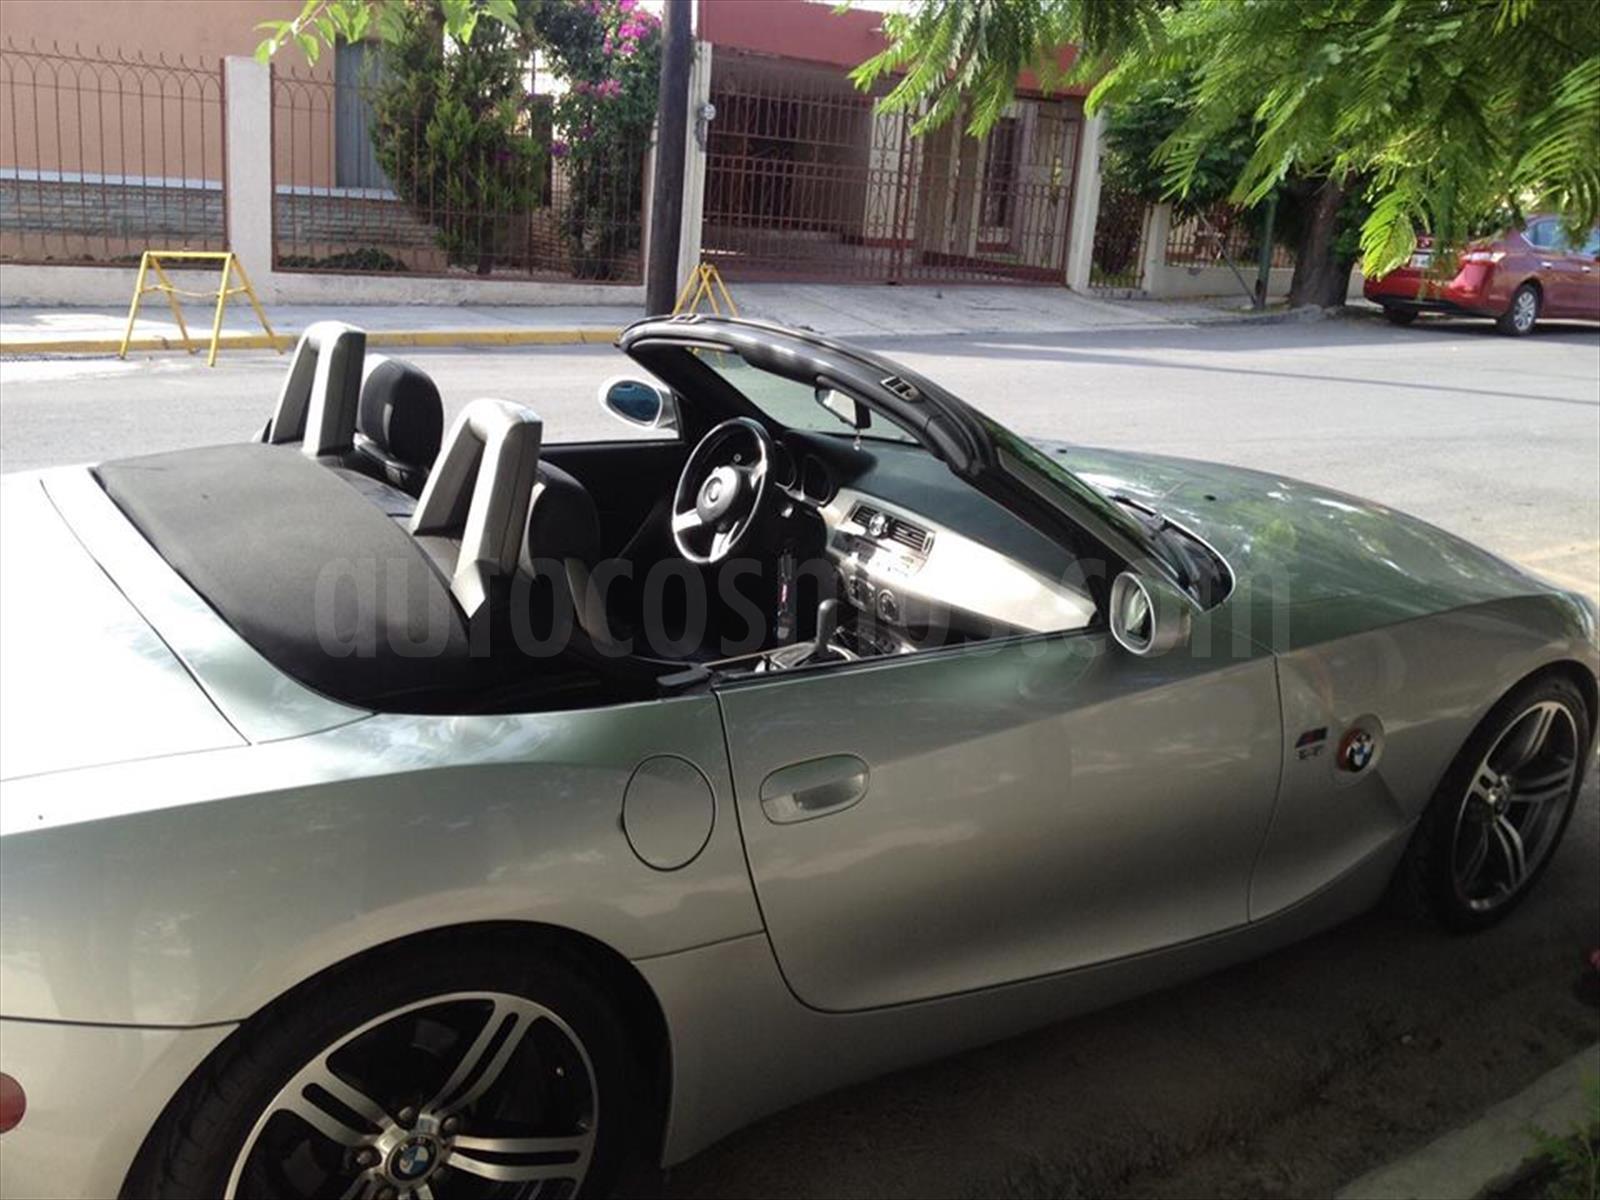 Venta Autos Usado Coahuila Bmw Z4 3 0i Roadster